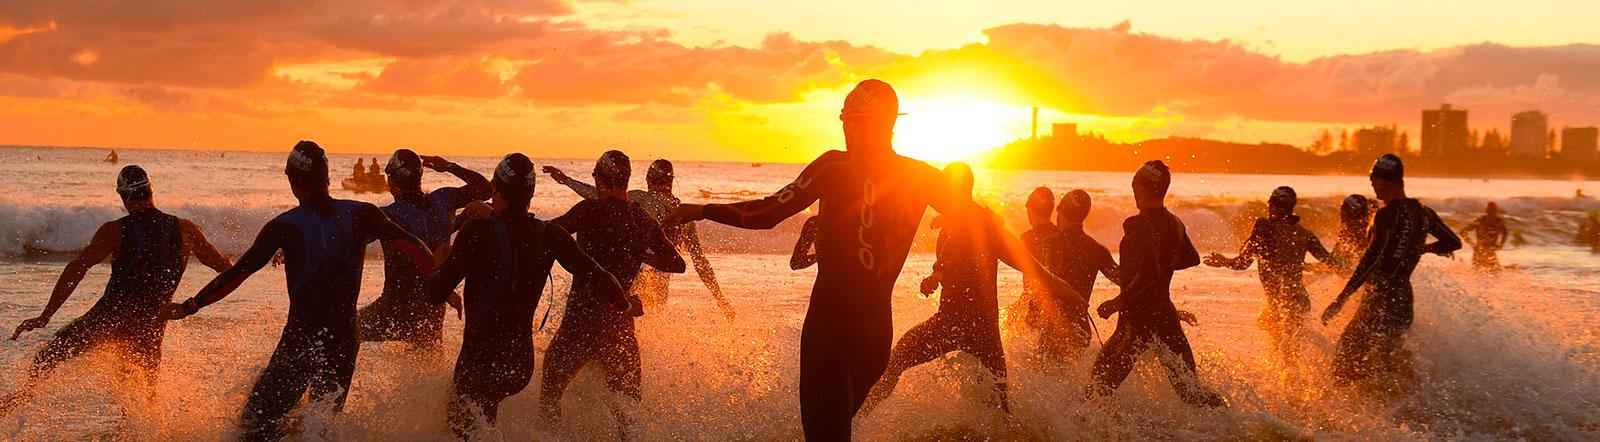 homeslider 2 - Desabi | Entrenamiento de Ciclismo,  Triatlón y atletismo